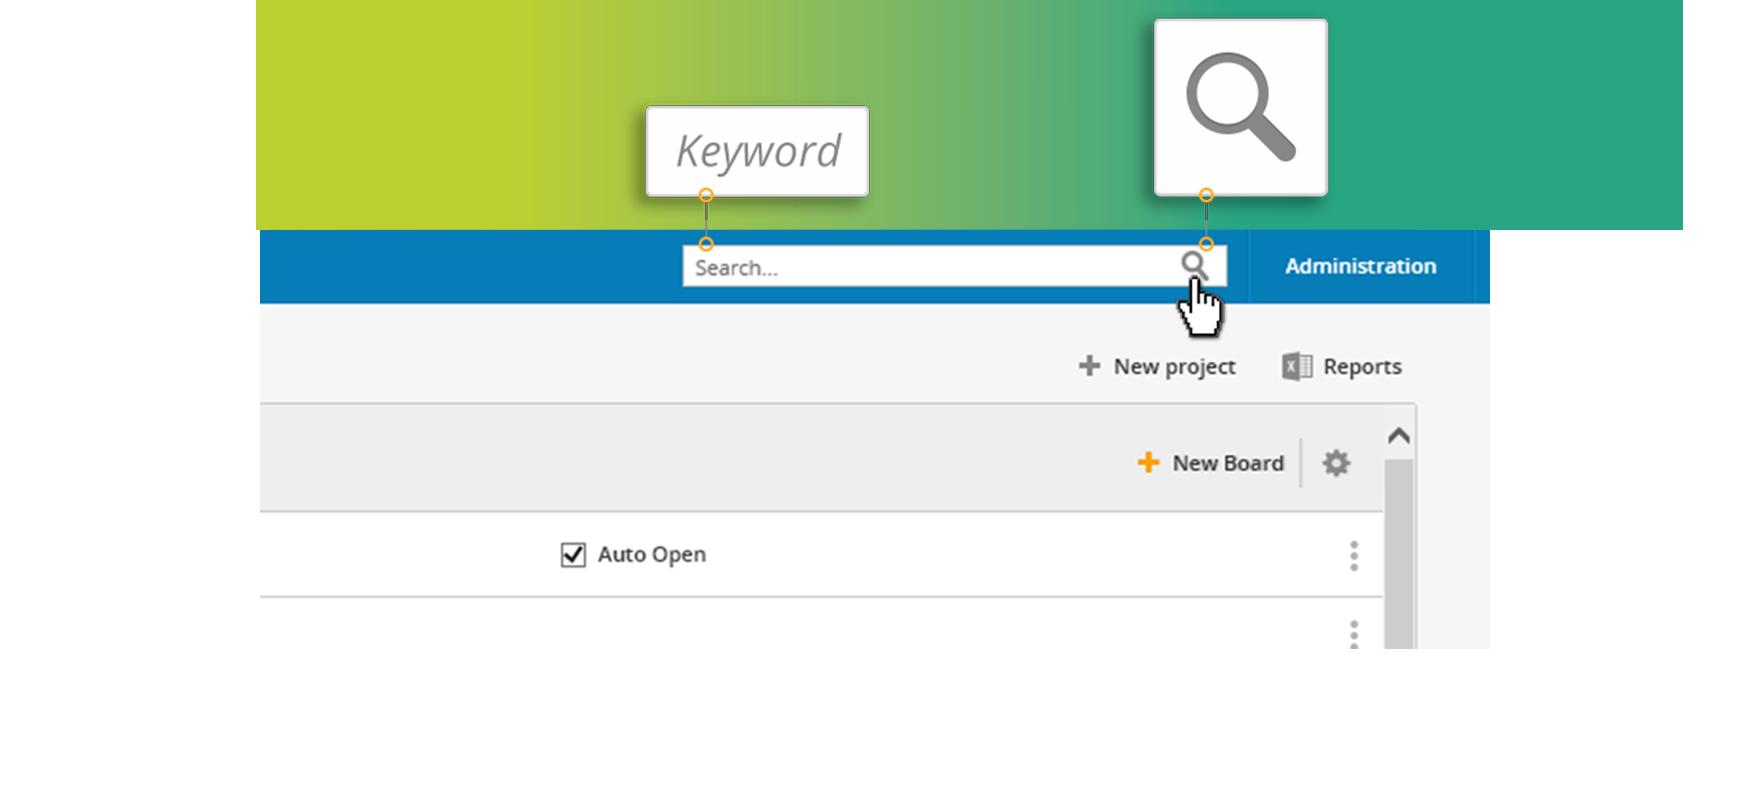 Kanban keyword search